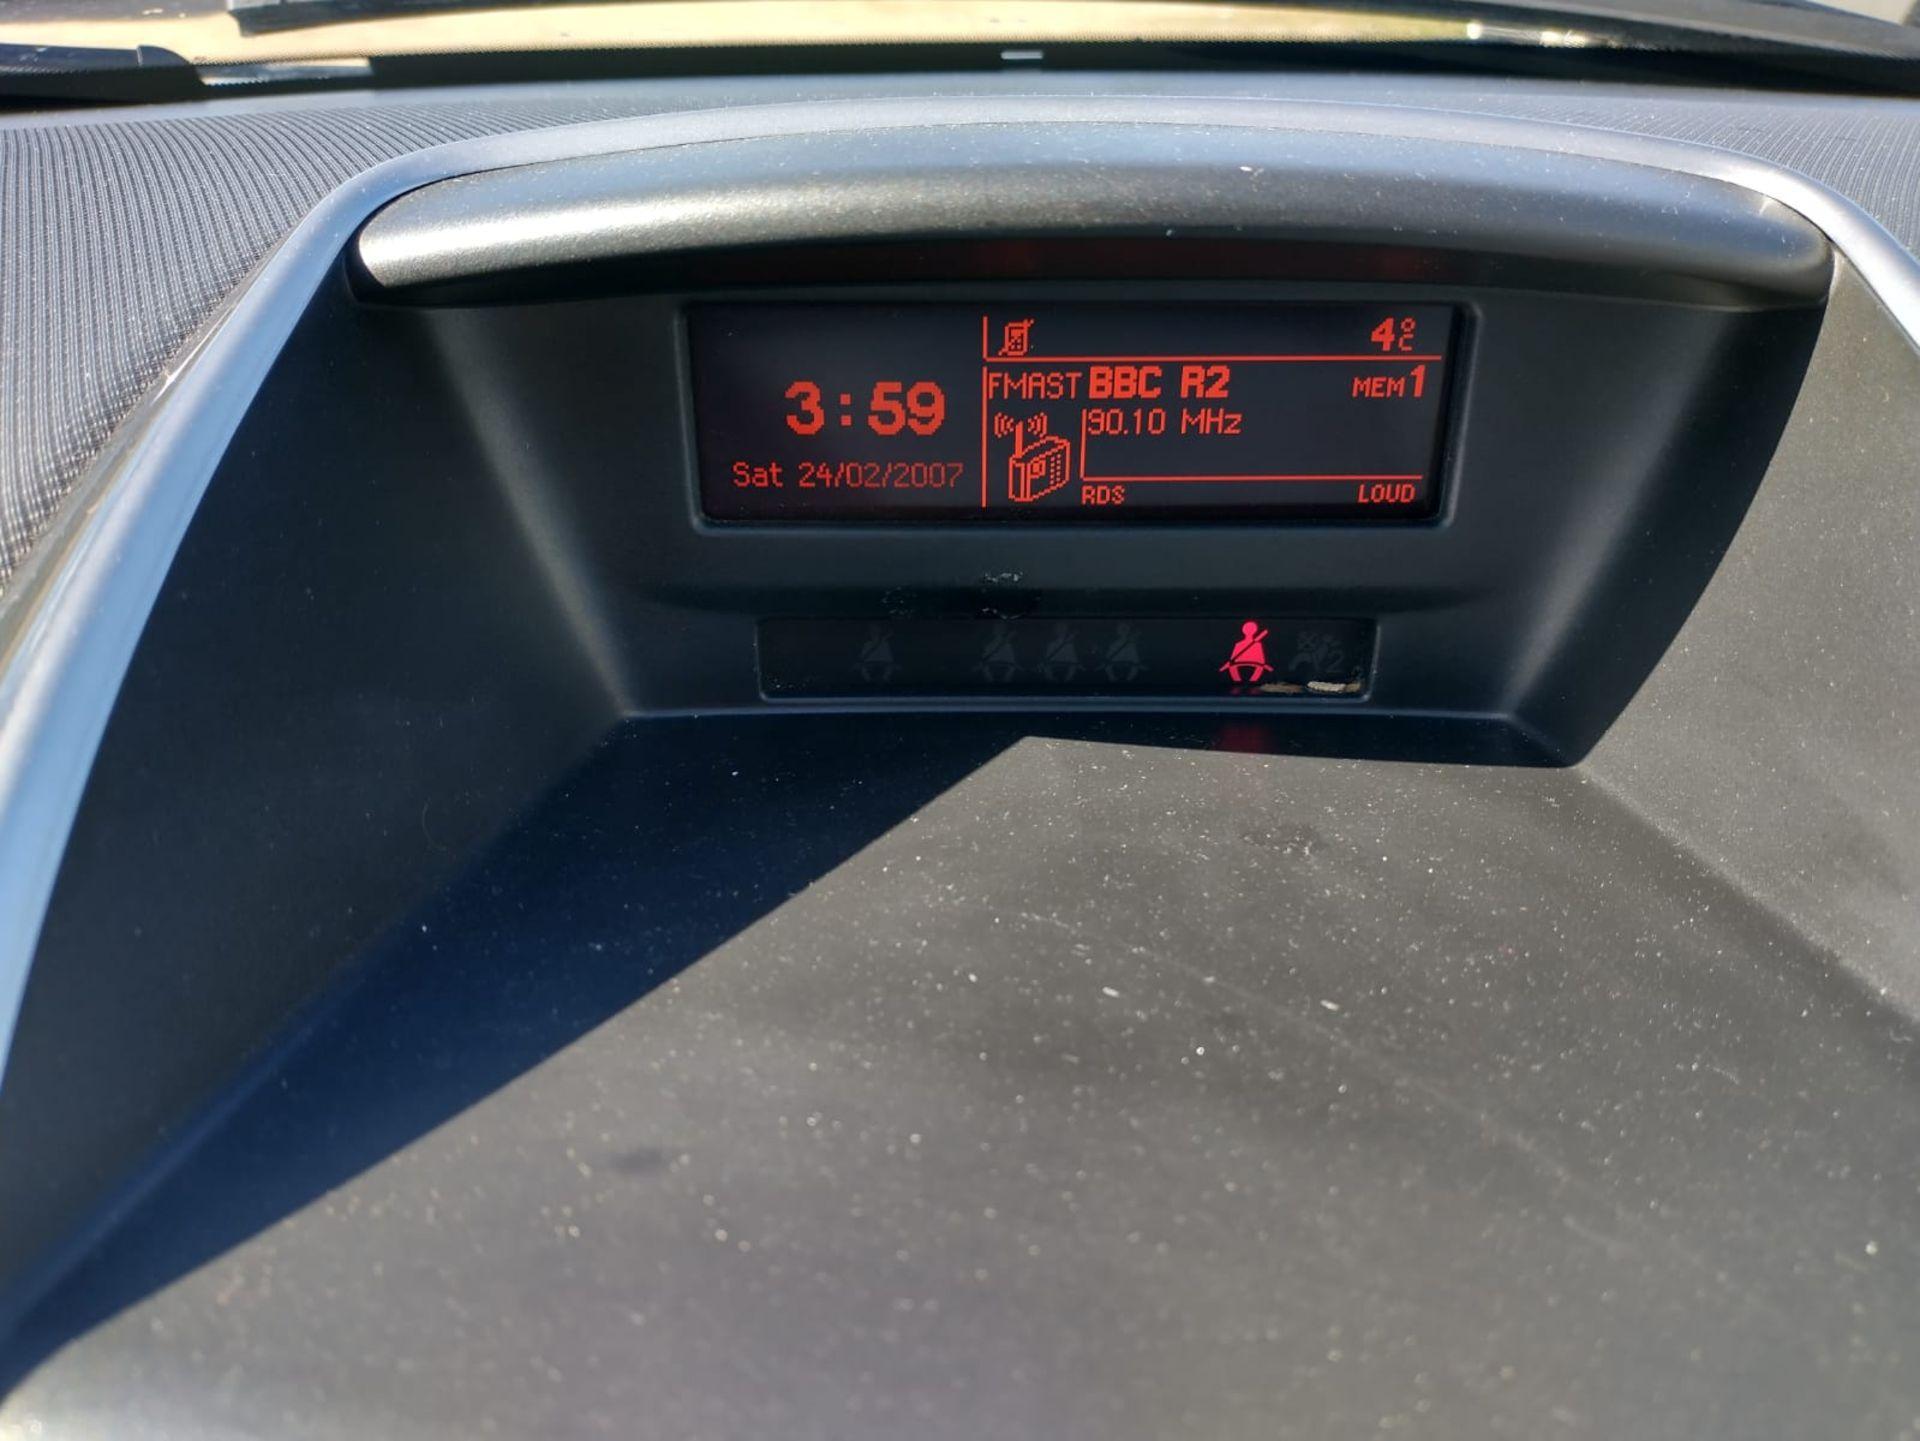 2012 Peugeot 207 Allure 1.6 5DR Hatchback - Image 10 of 16